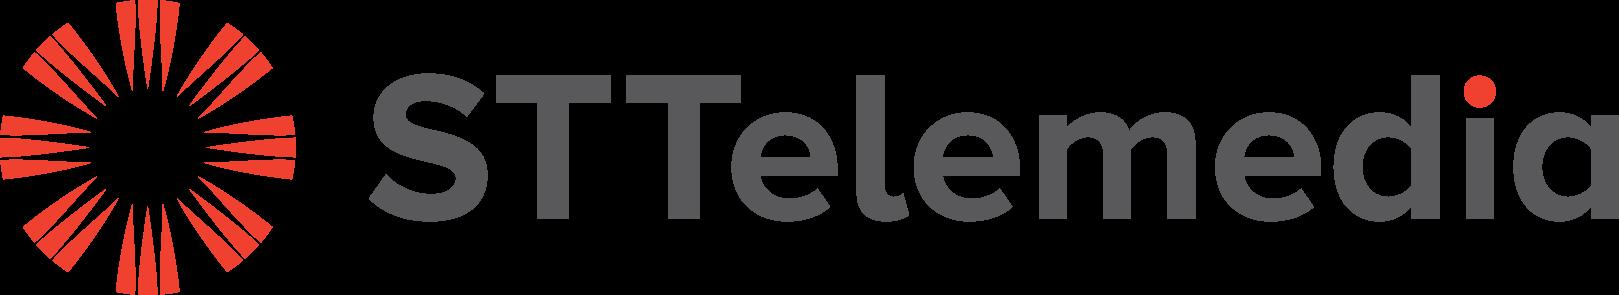 logo-stt-coloured.png